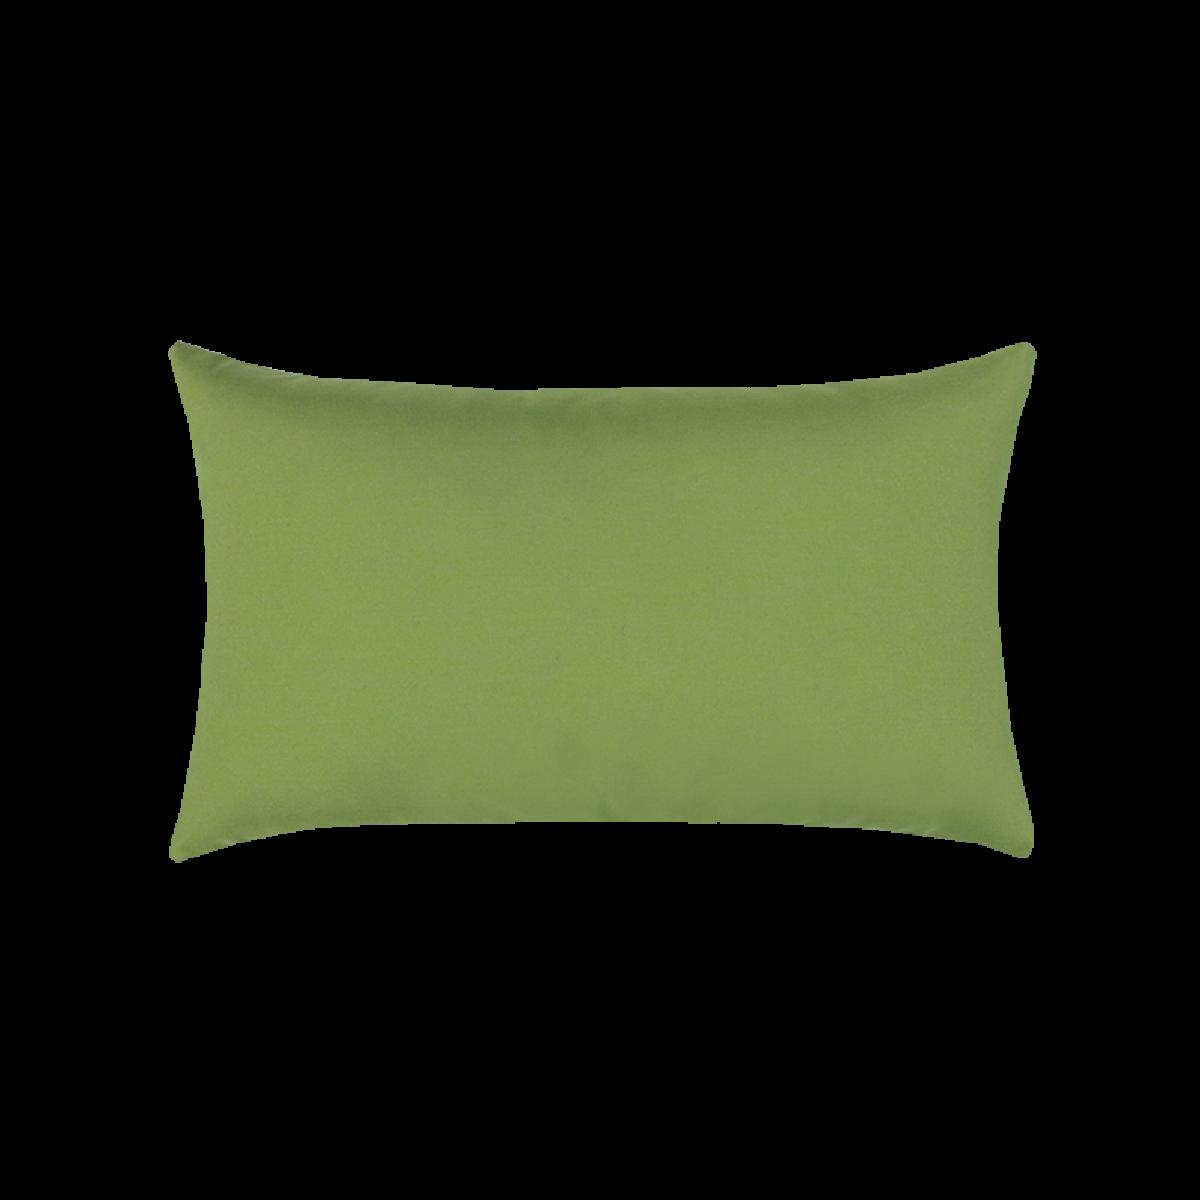 Canvas Ginkgo Essentials Lumbar Pillow